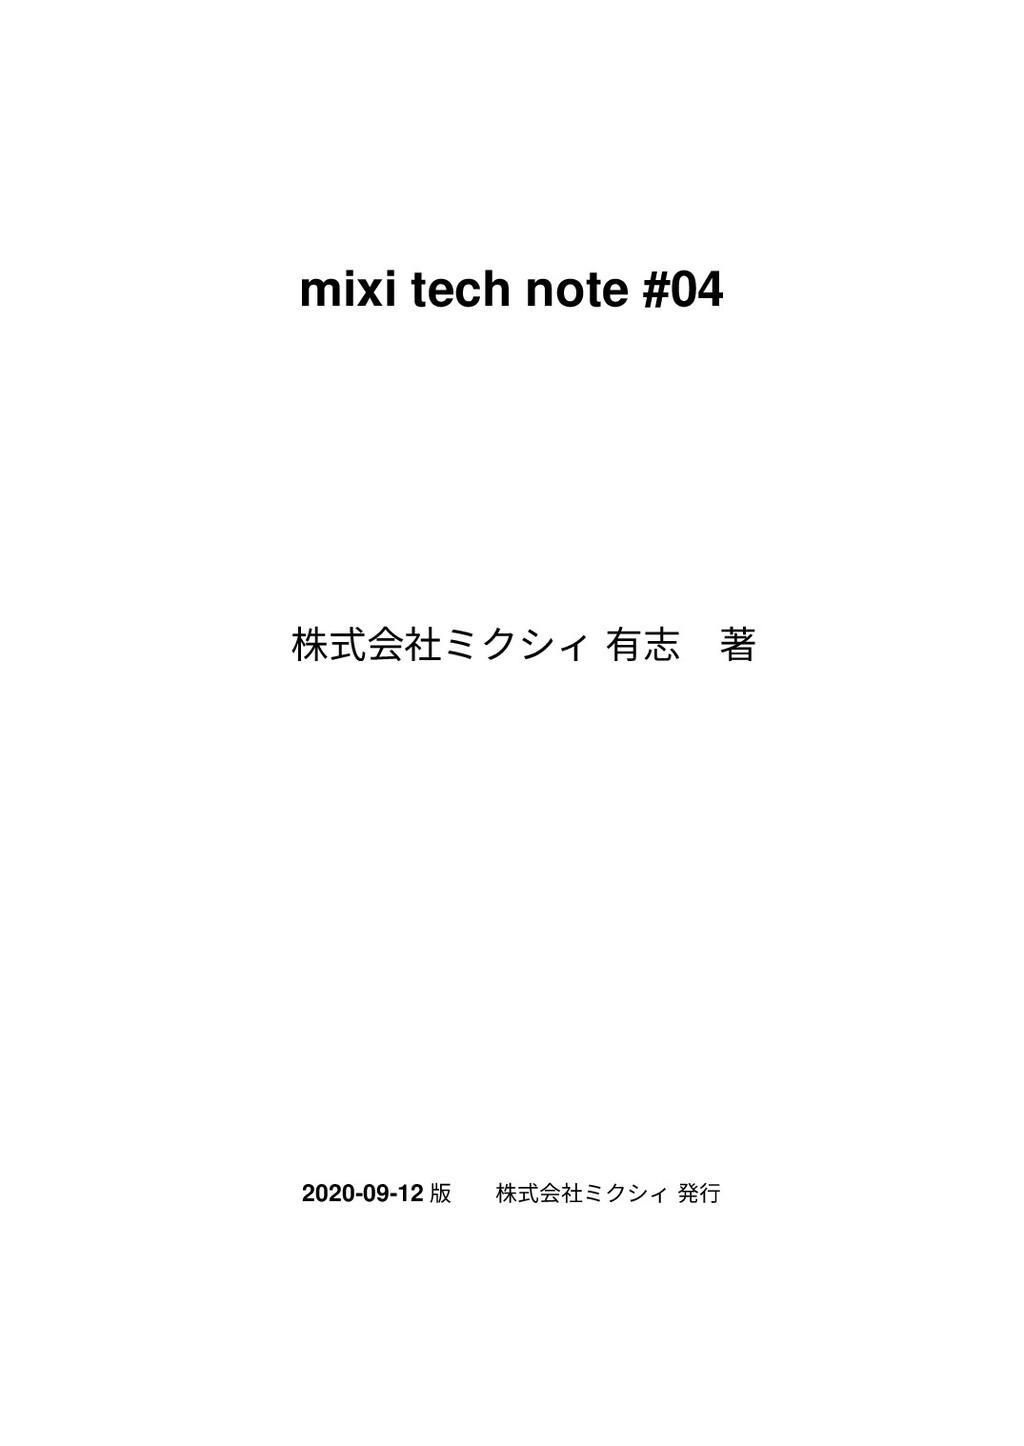 mixi tech note #04 גࣜձࣾϛΫγΟ ༗ࢤɹஶ 2020-09-12 ൛ ג...